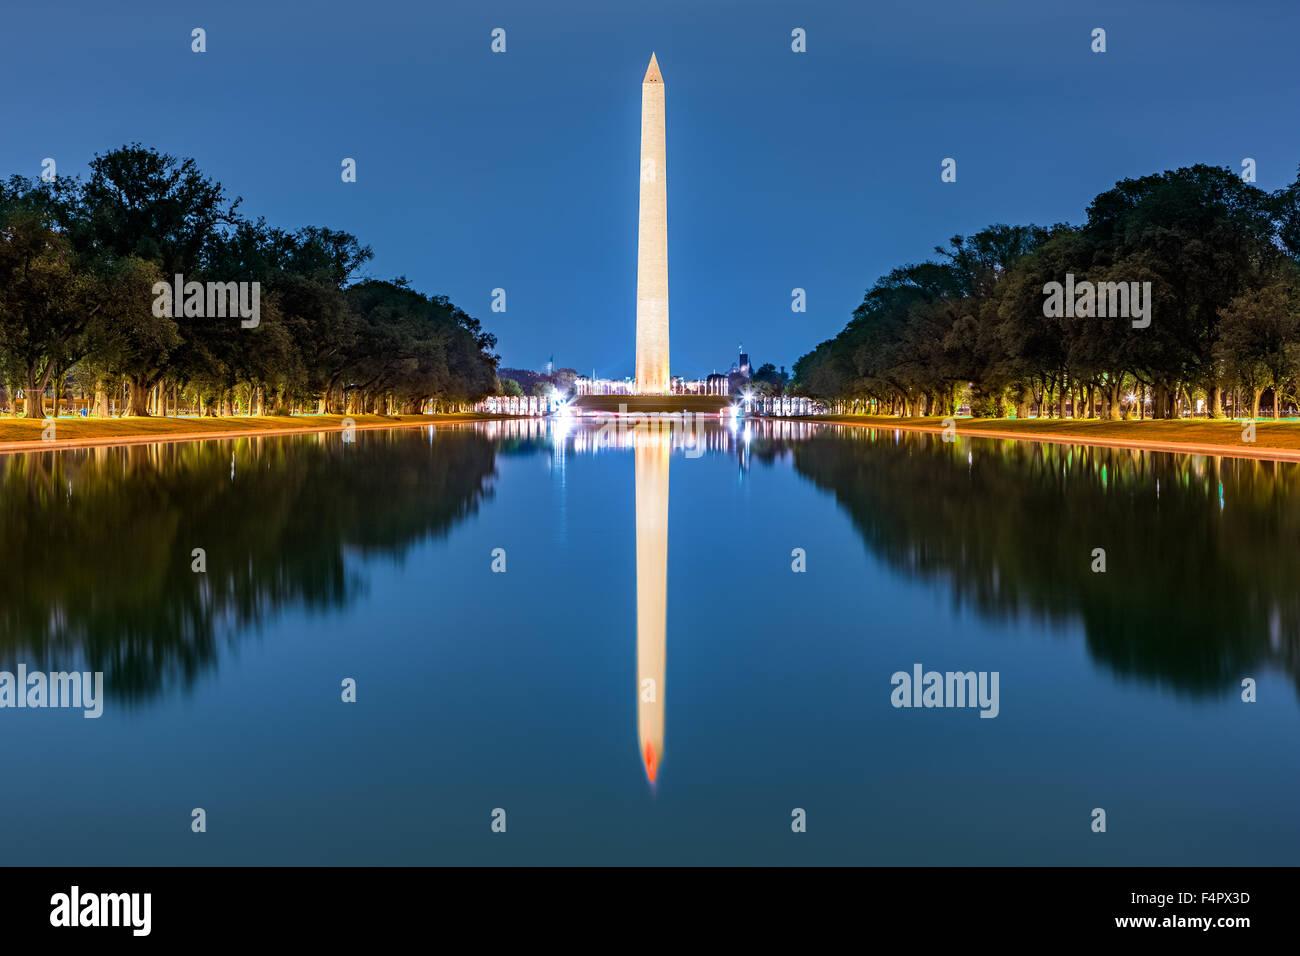 El Monumento a Washington, reflejada en la piscina reflectante Imagen De Stock